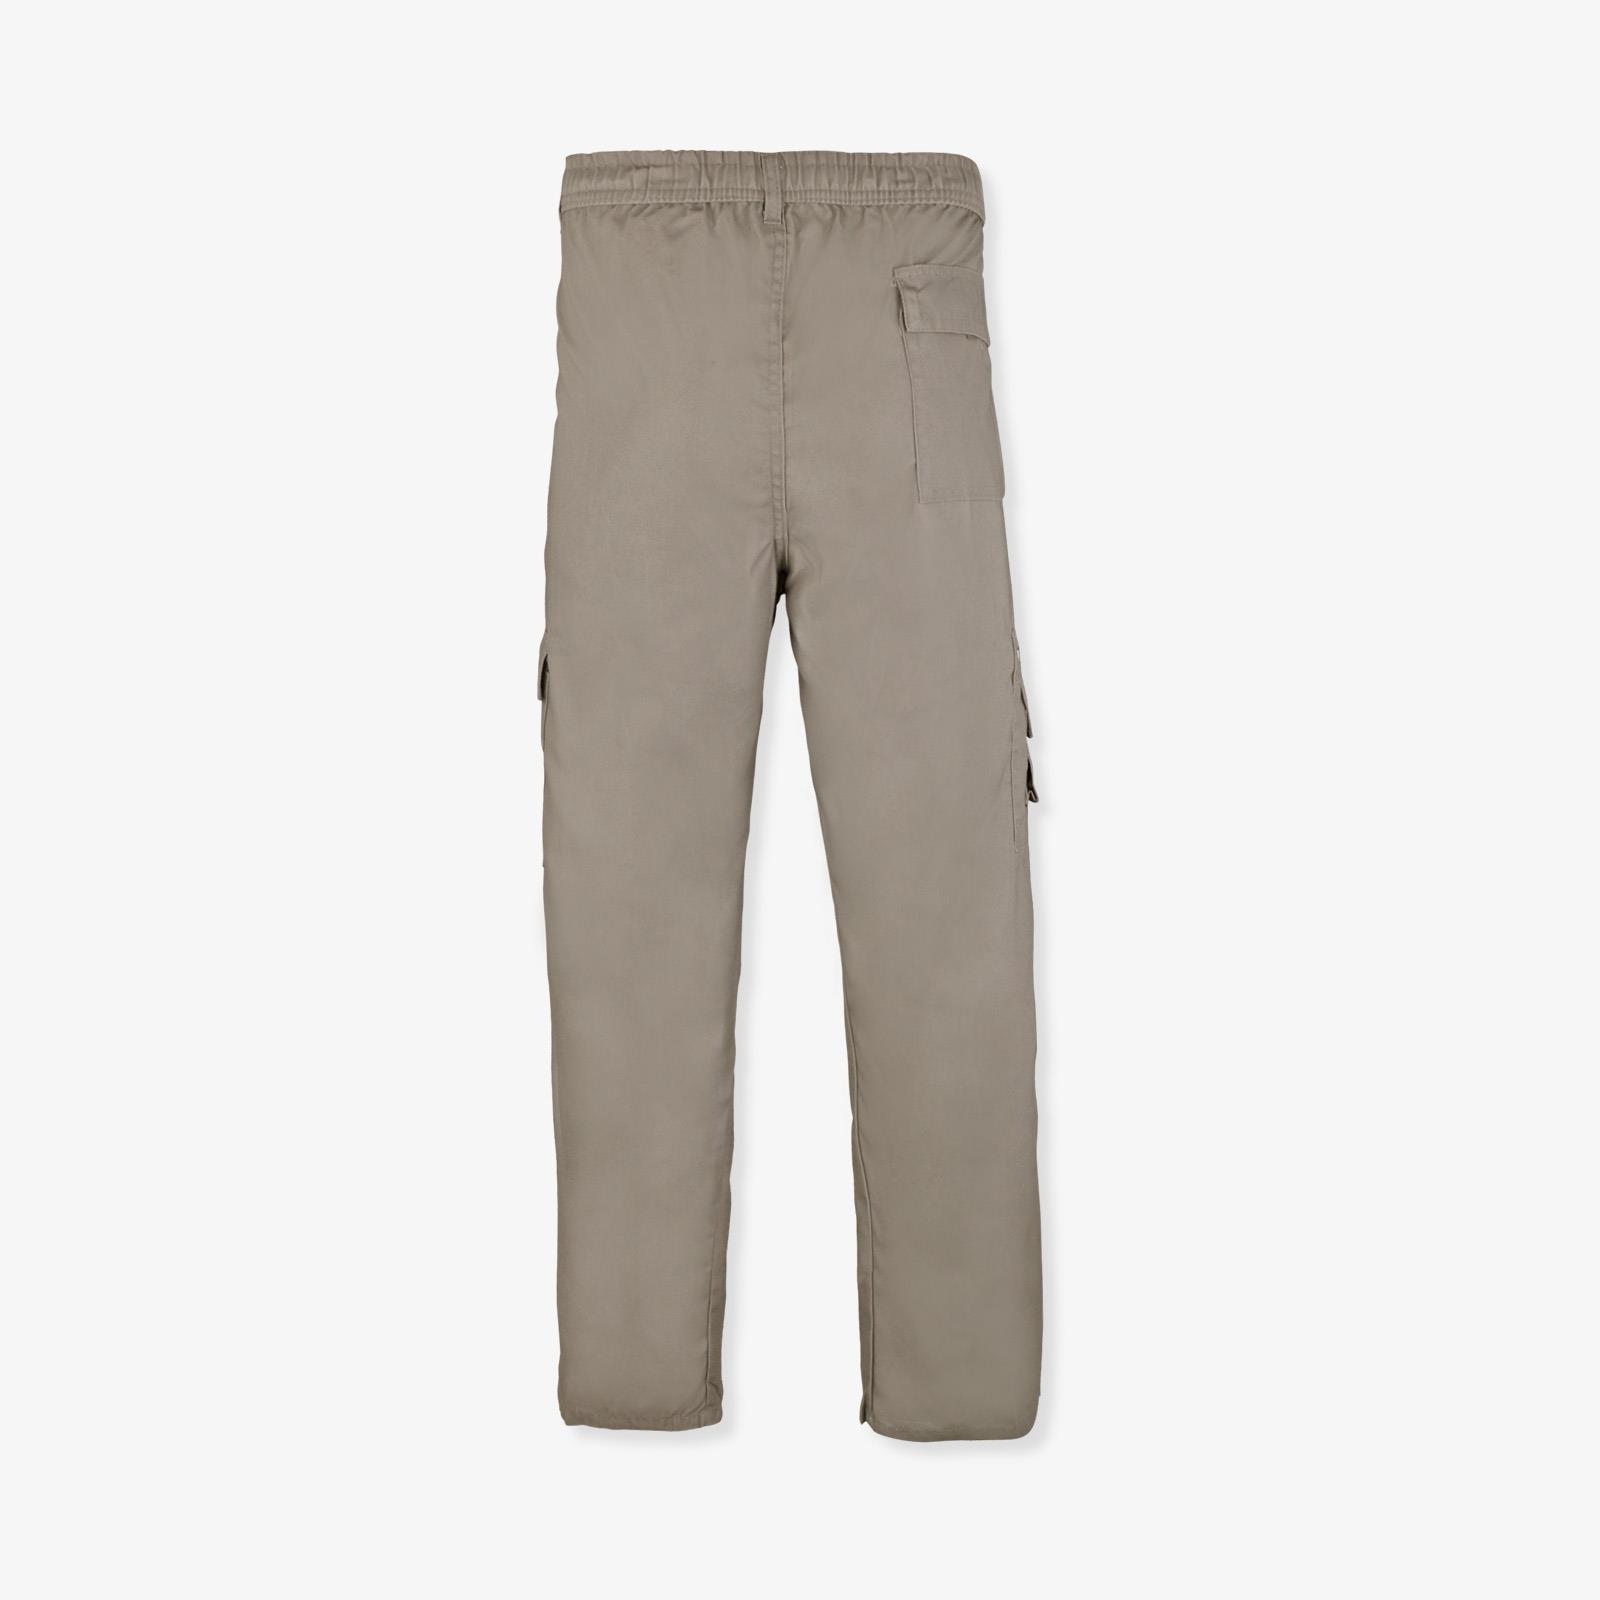 Pantalon-Homme-Cargo-Militaire-Ample-Poche-Grande-Taille-Elastique-Travail miniature 21